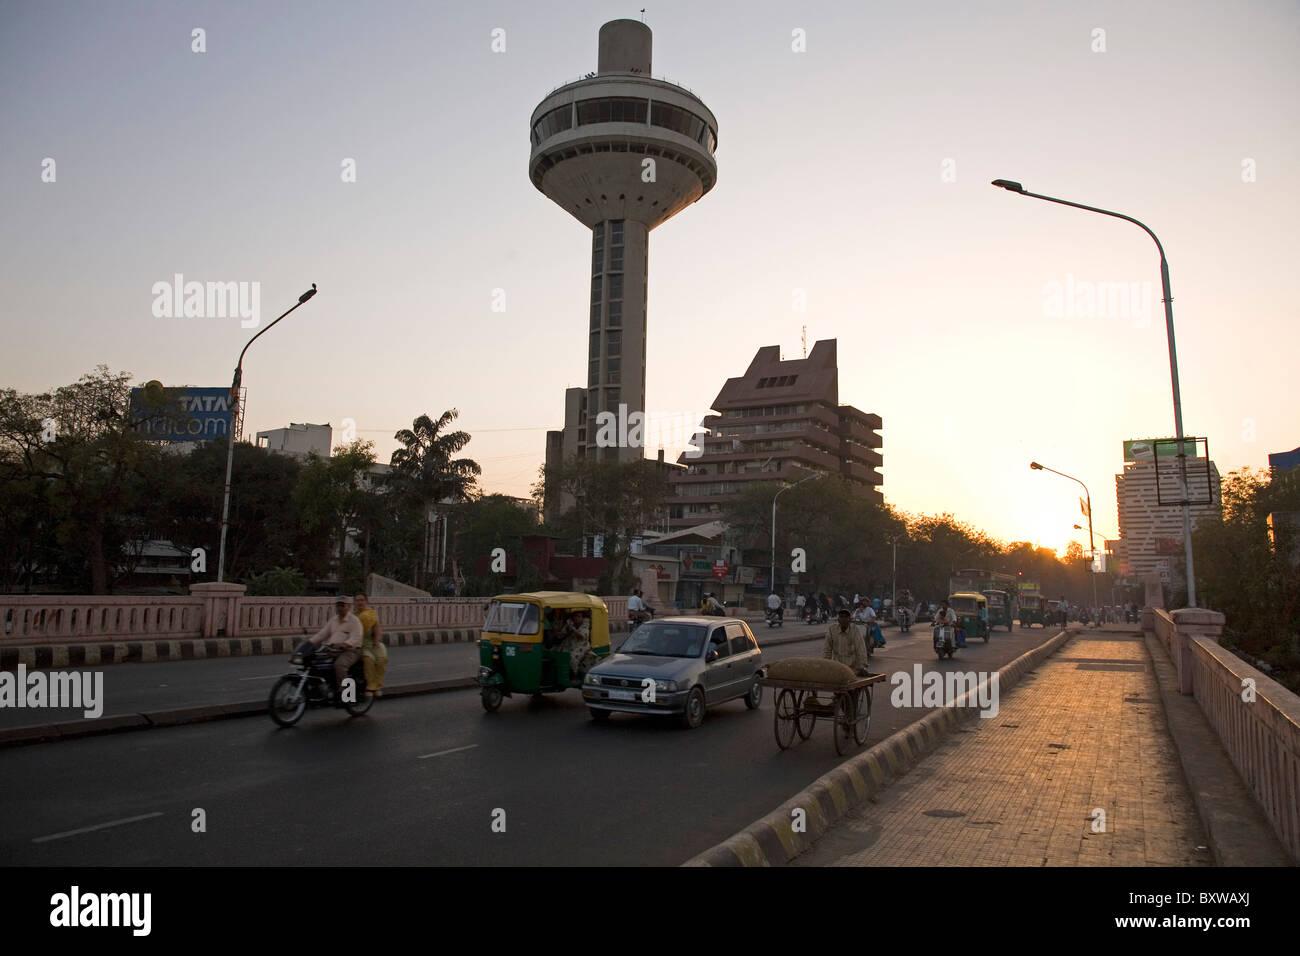 Traffic crosses the Neharu Bridge in Ahmedabad, Gujarat, India. - Stock Image